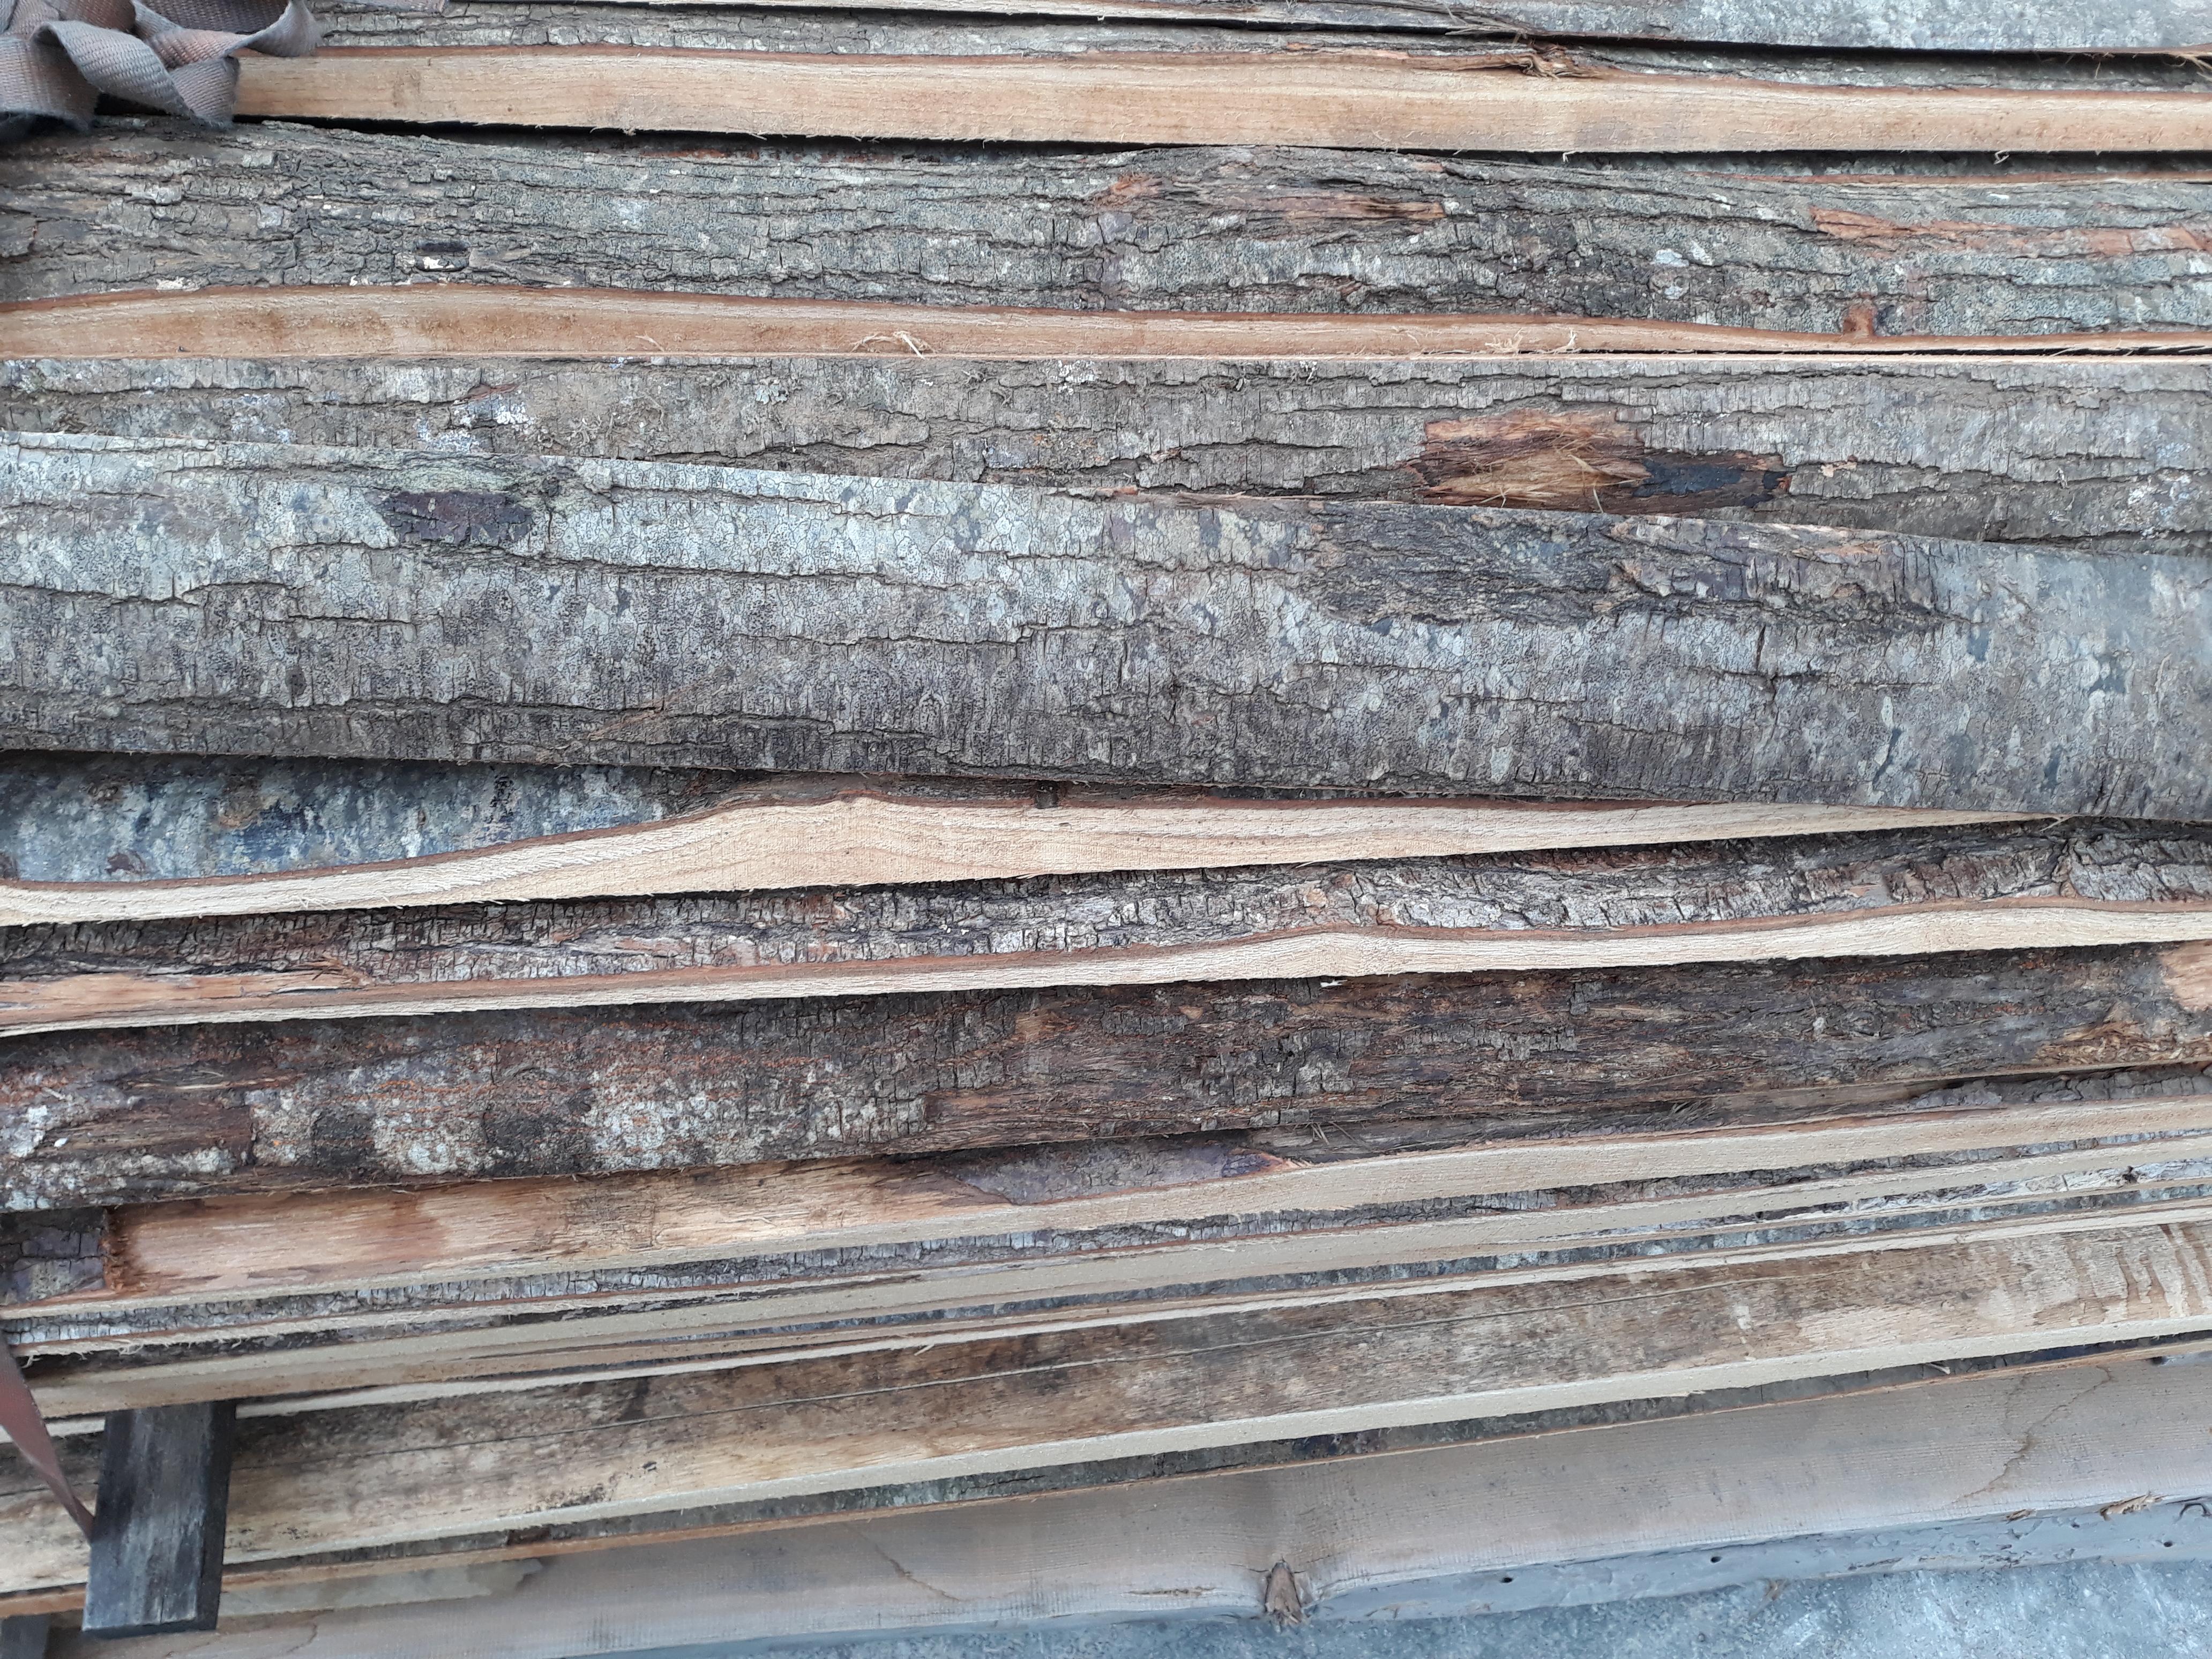 Ξεφάρδια καστανιάς, για περίφραξη ή διακόσμηση